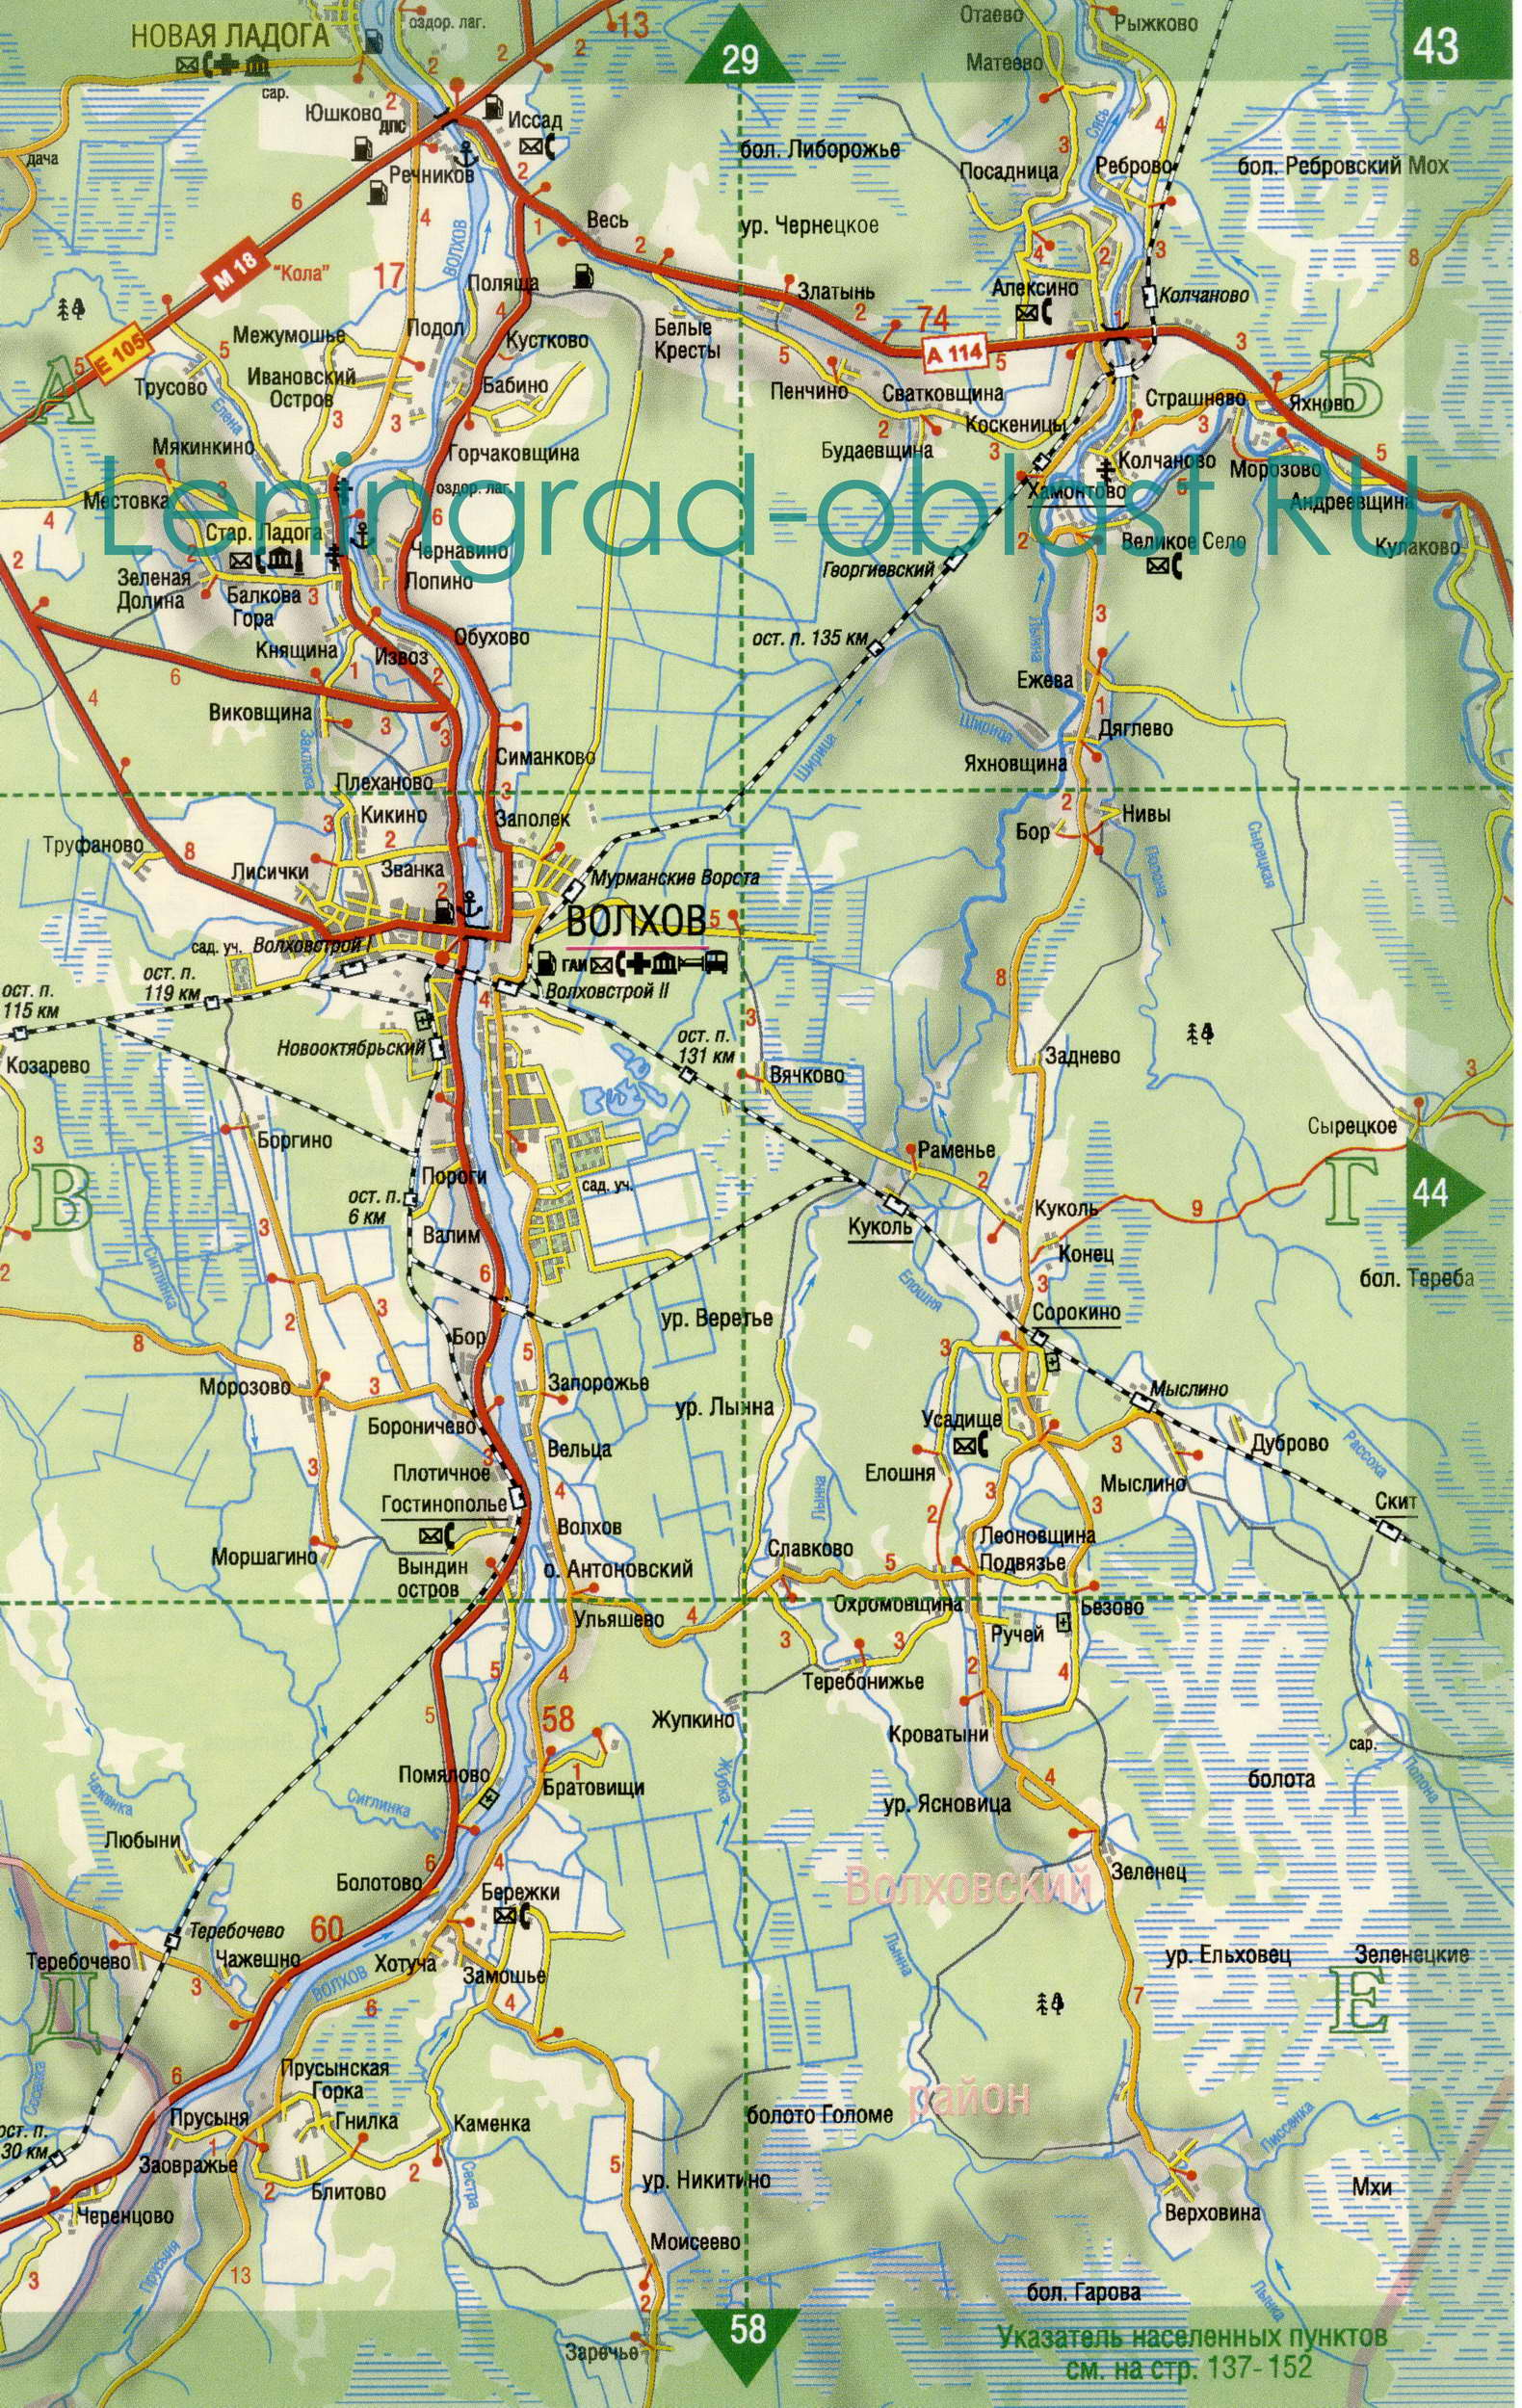 Топографическая карта волховского района справка беременности фото